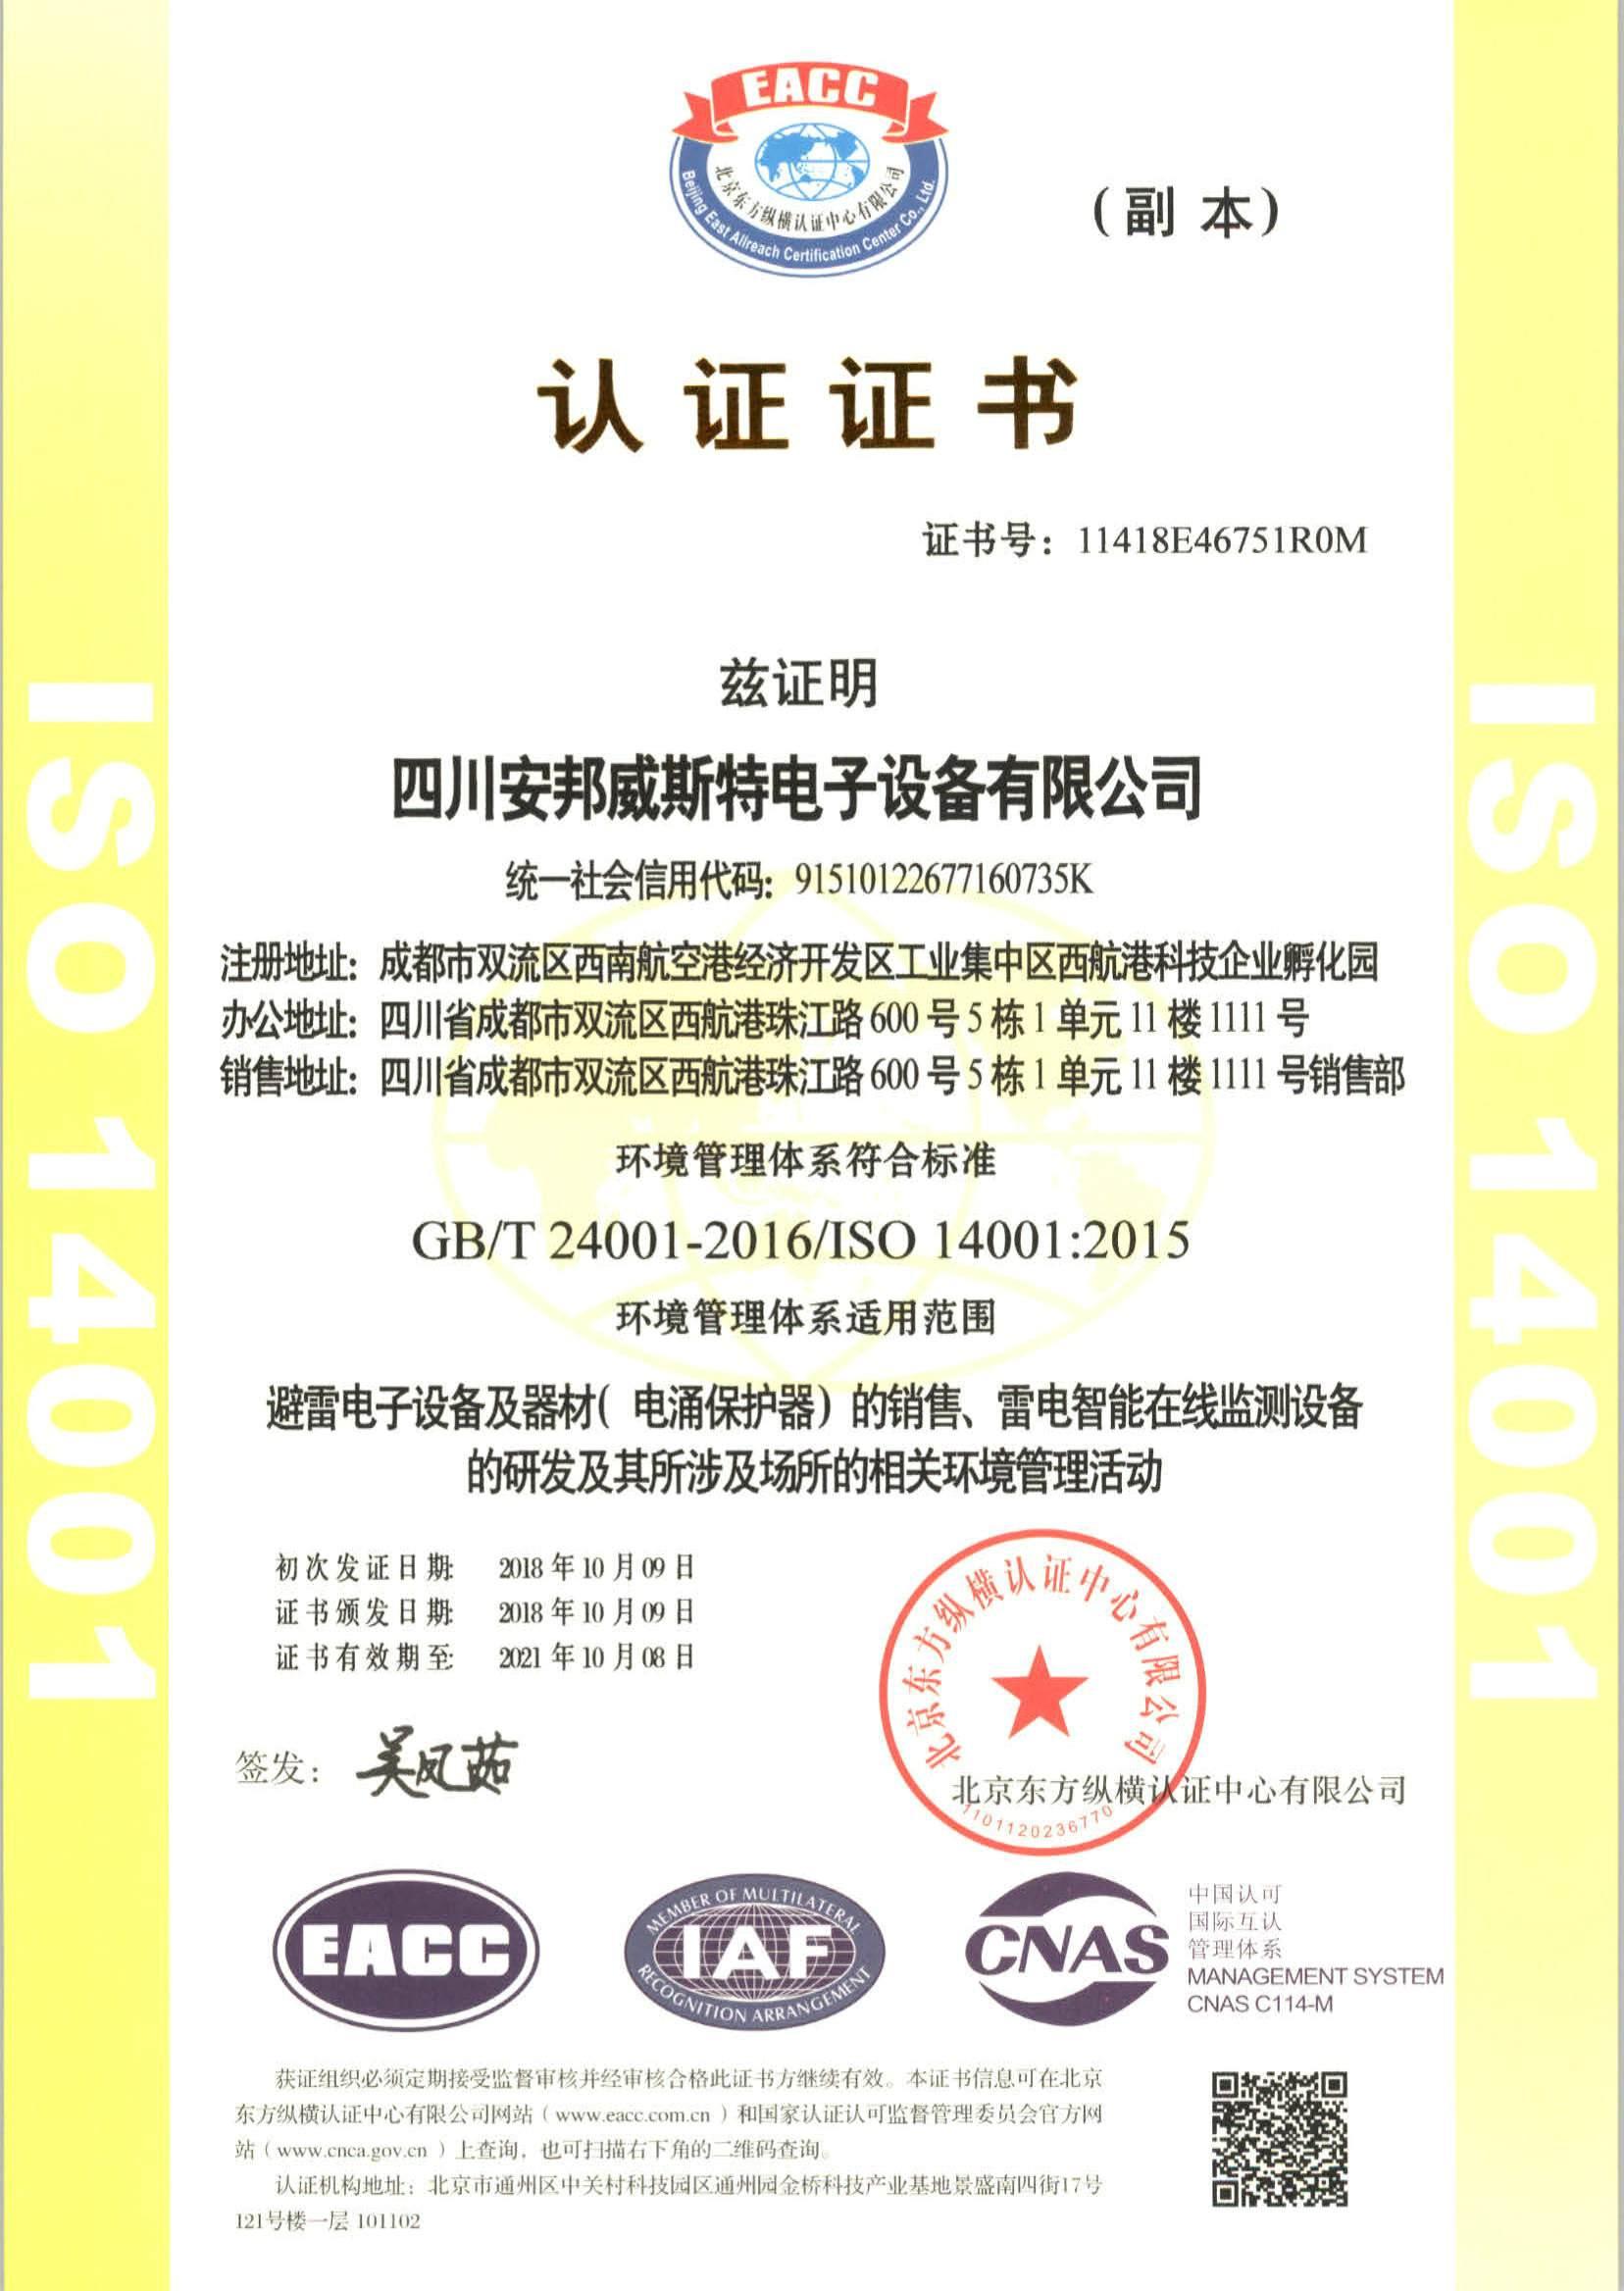 资质荣誉|公司简介-四川安邦威斯特电子设备有限公司